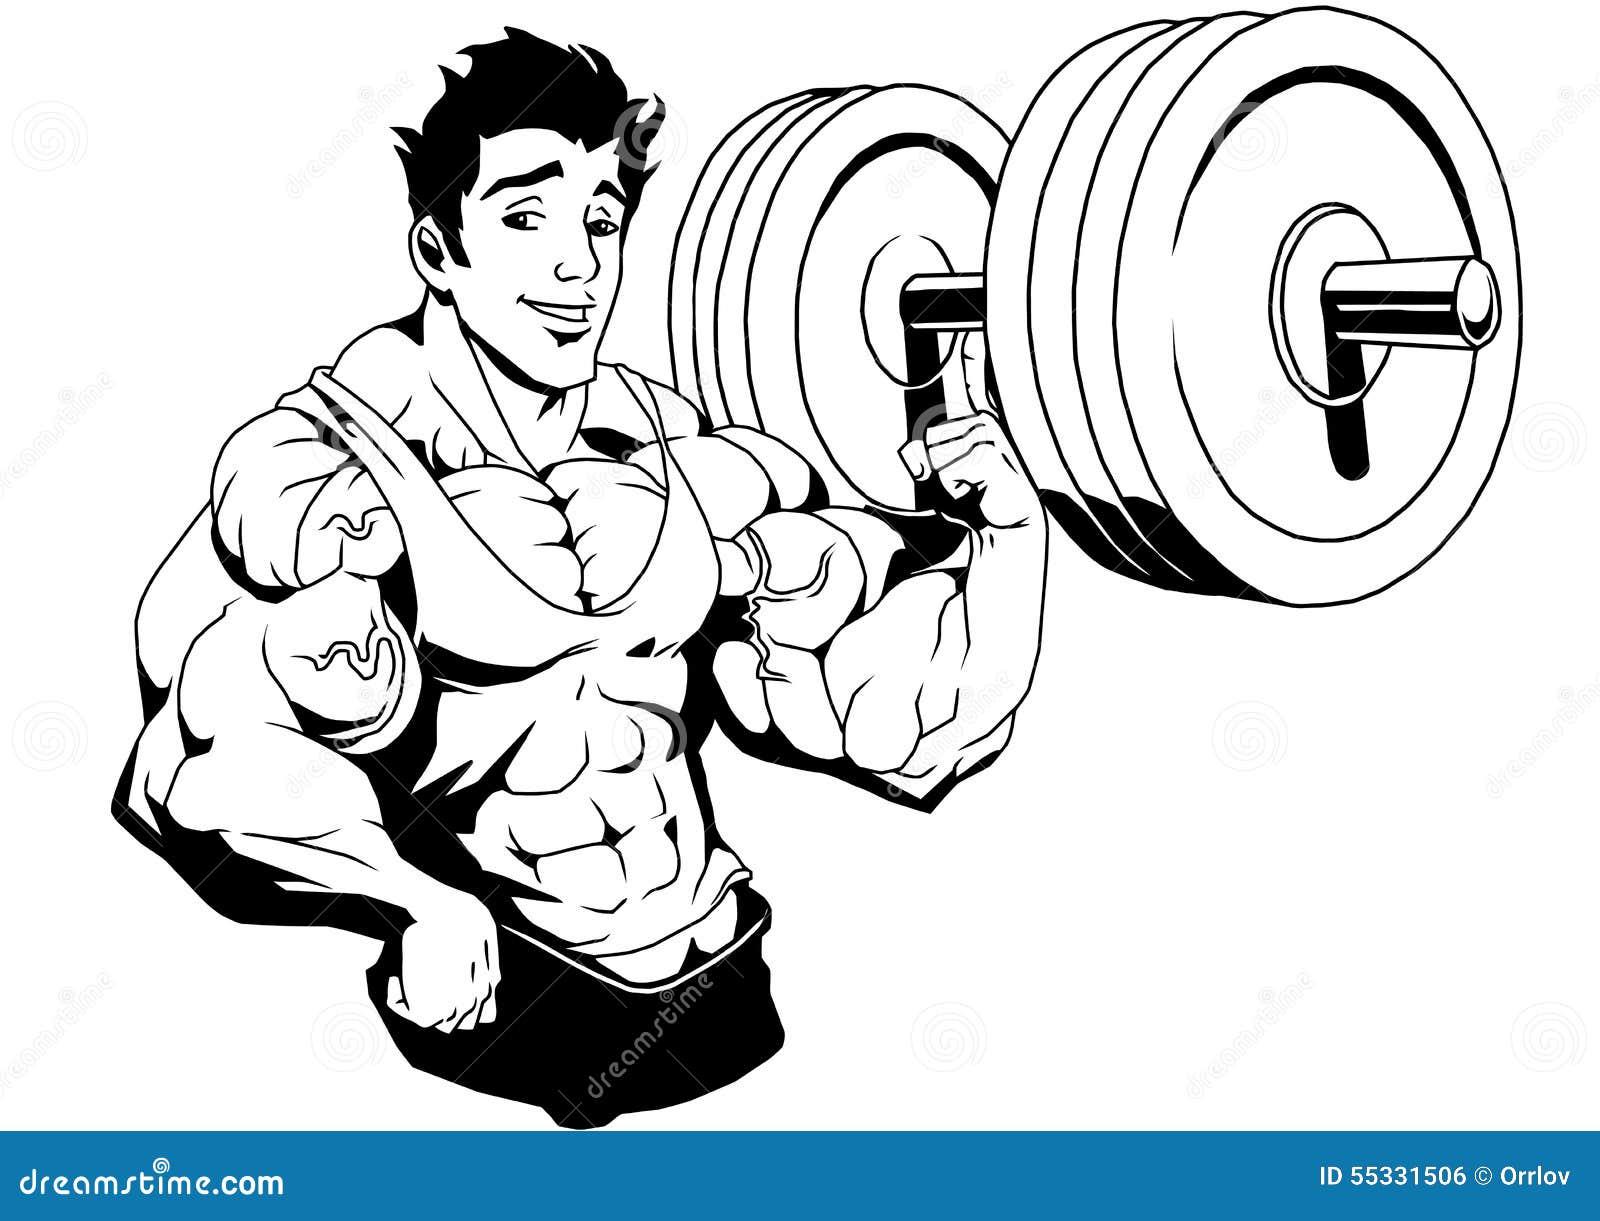 weight gainer anabolic mass